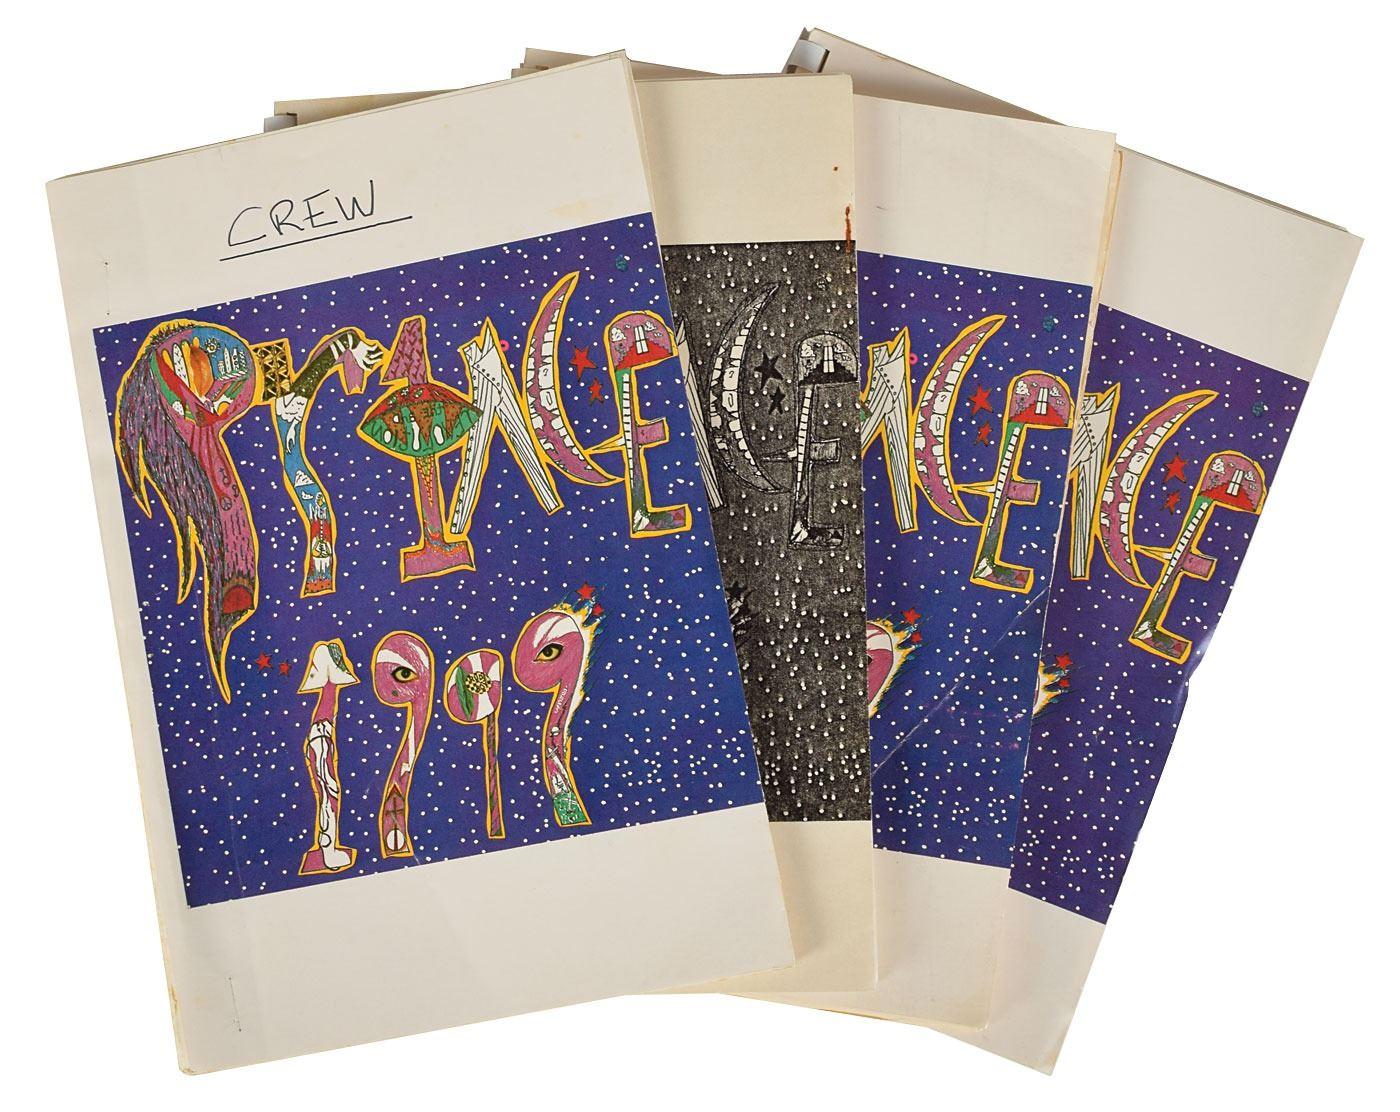 Prince 1999 Tour